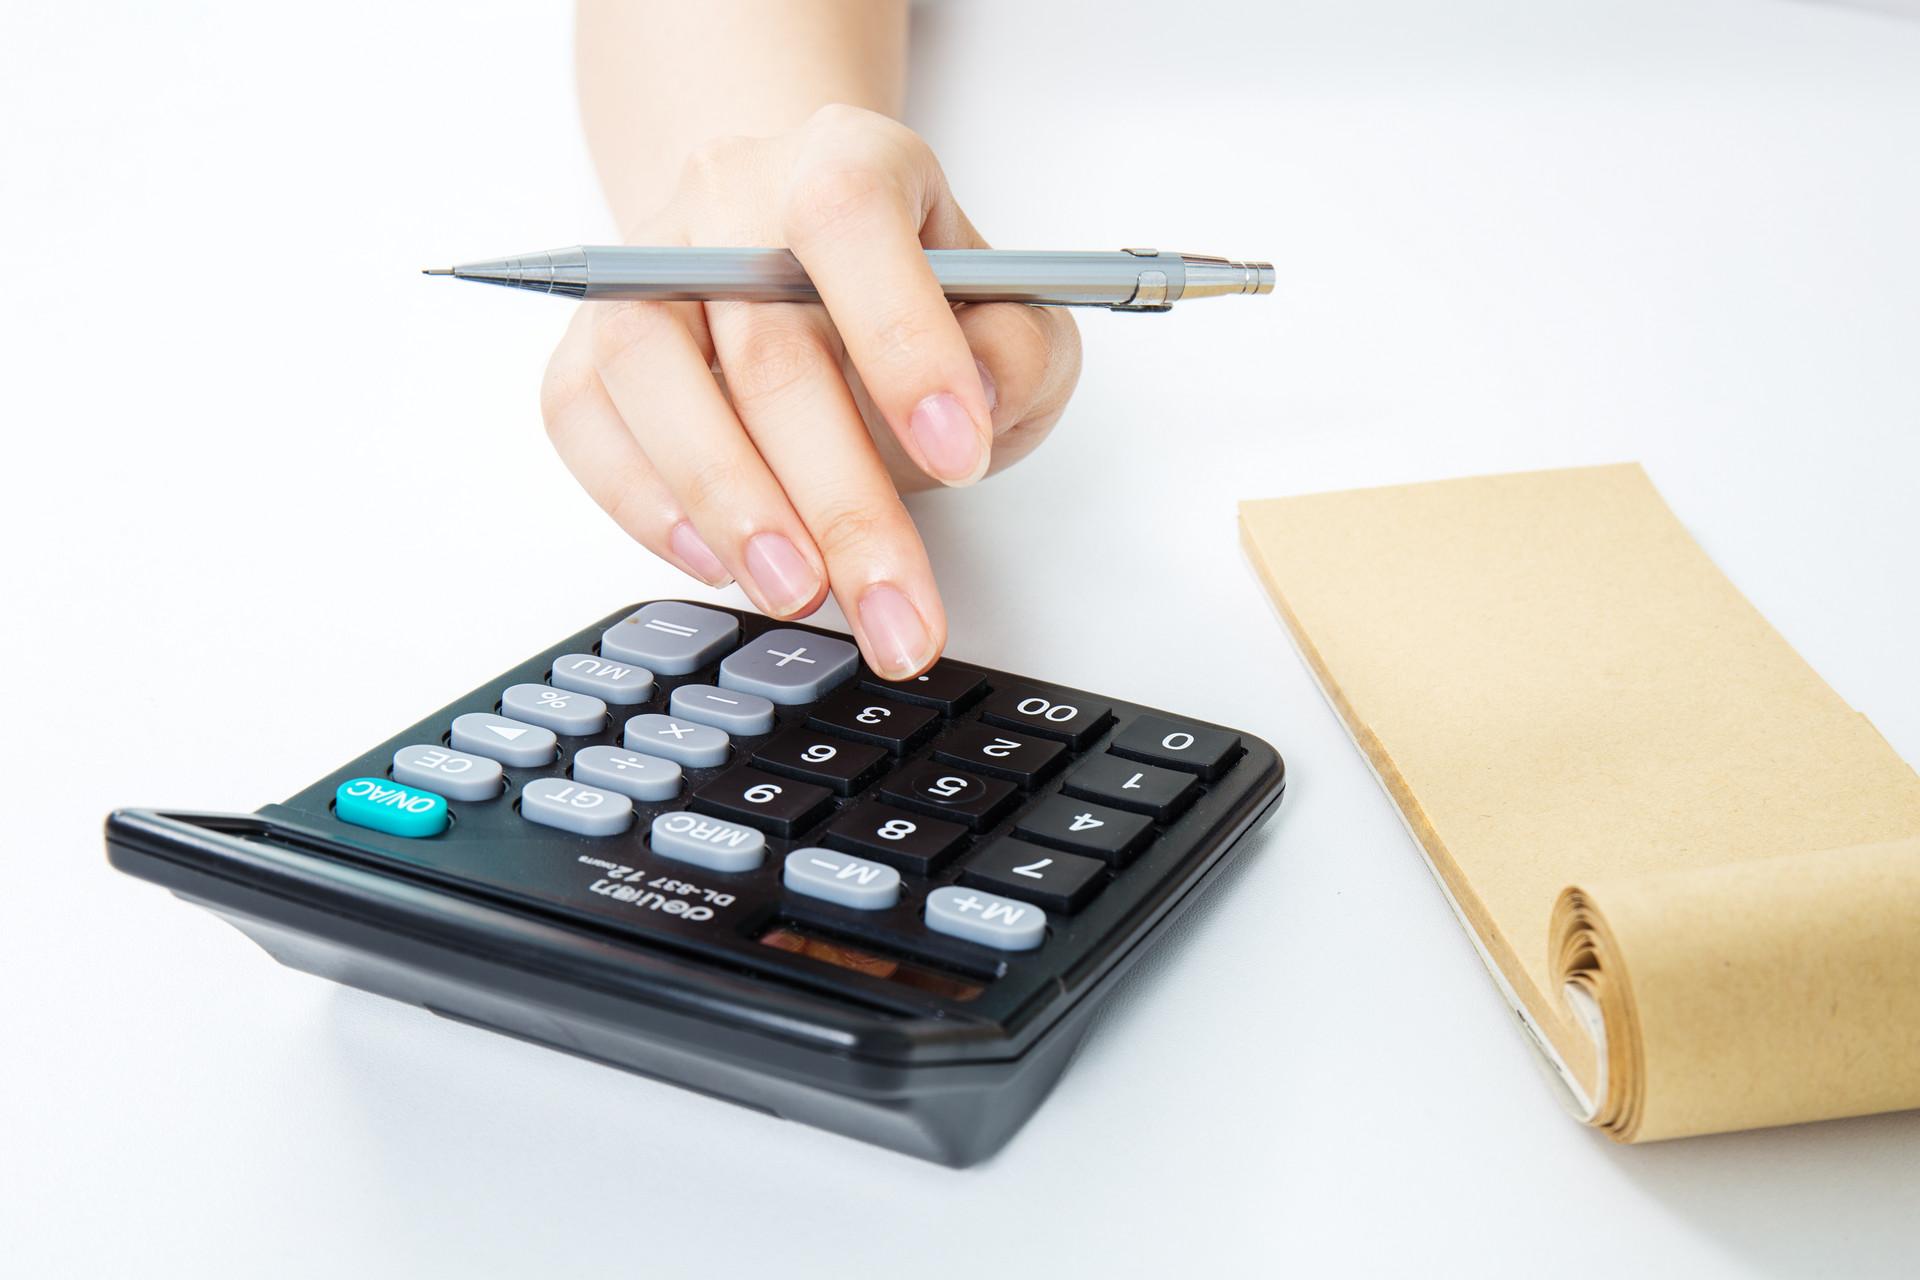 如何一键群发工资条到邮箱:怎么减少工作量?